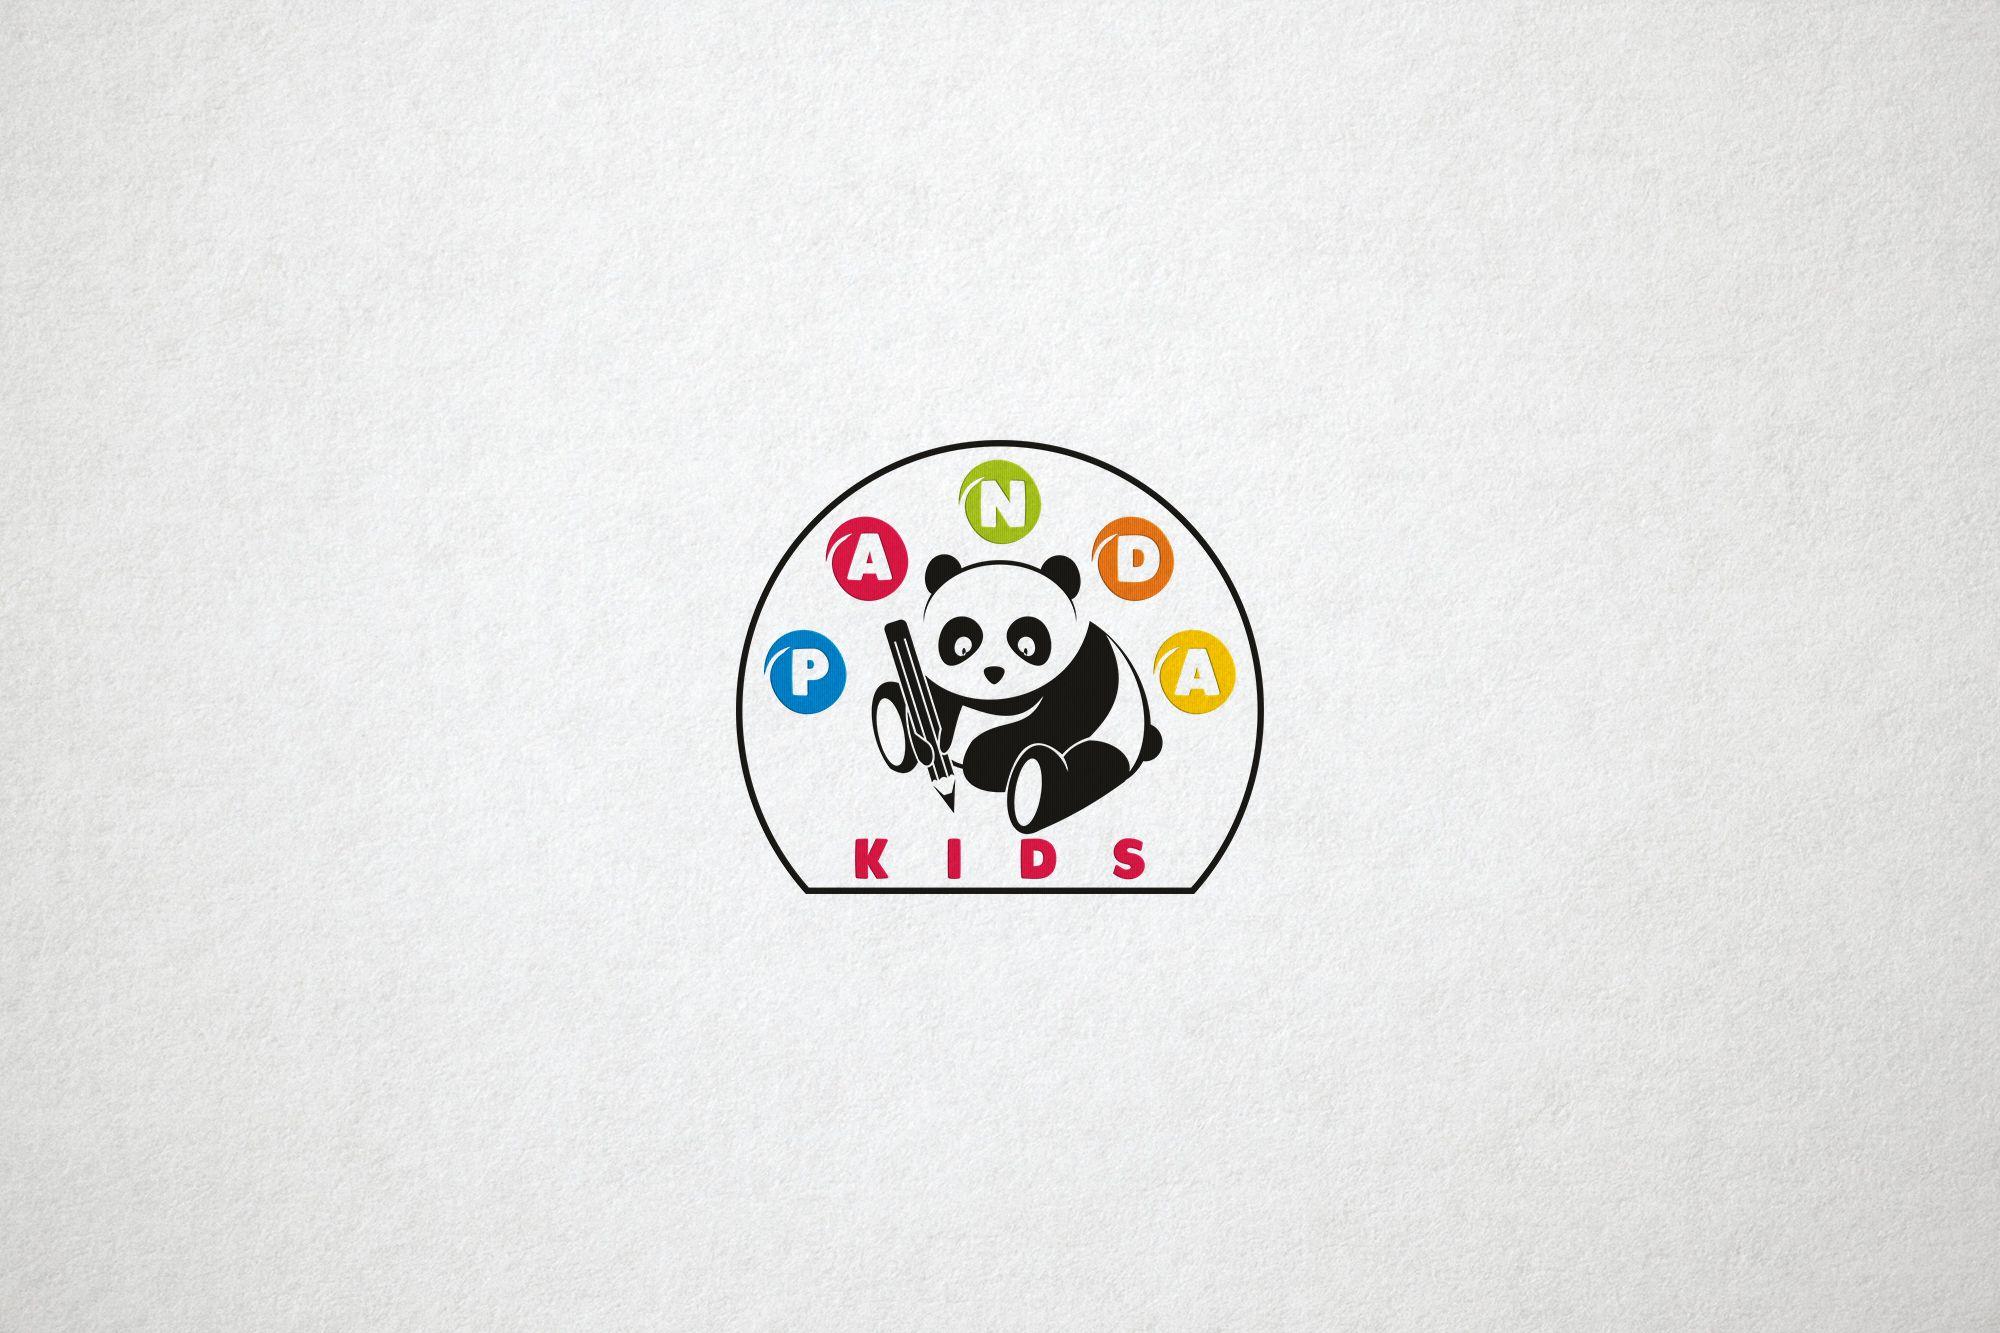 Логотип для Panda Kids - дизайнер ilim1973